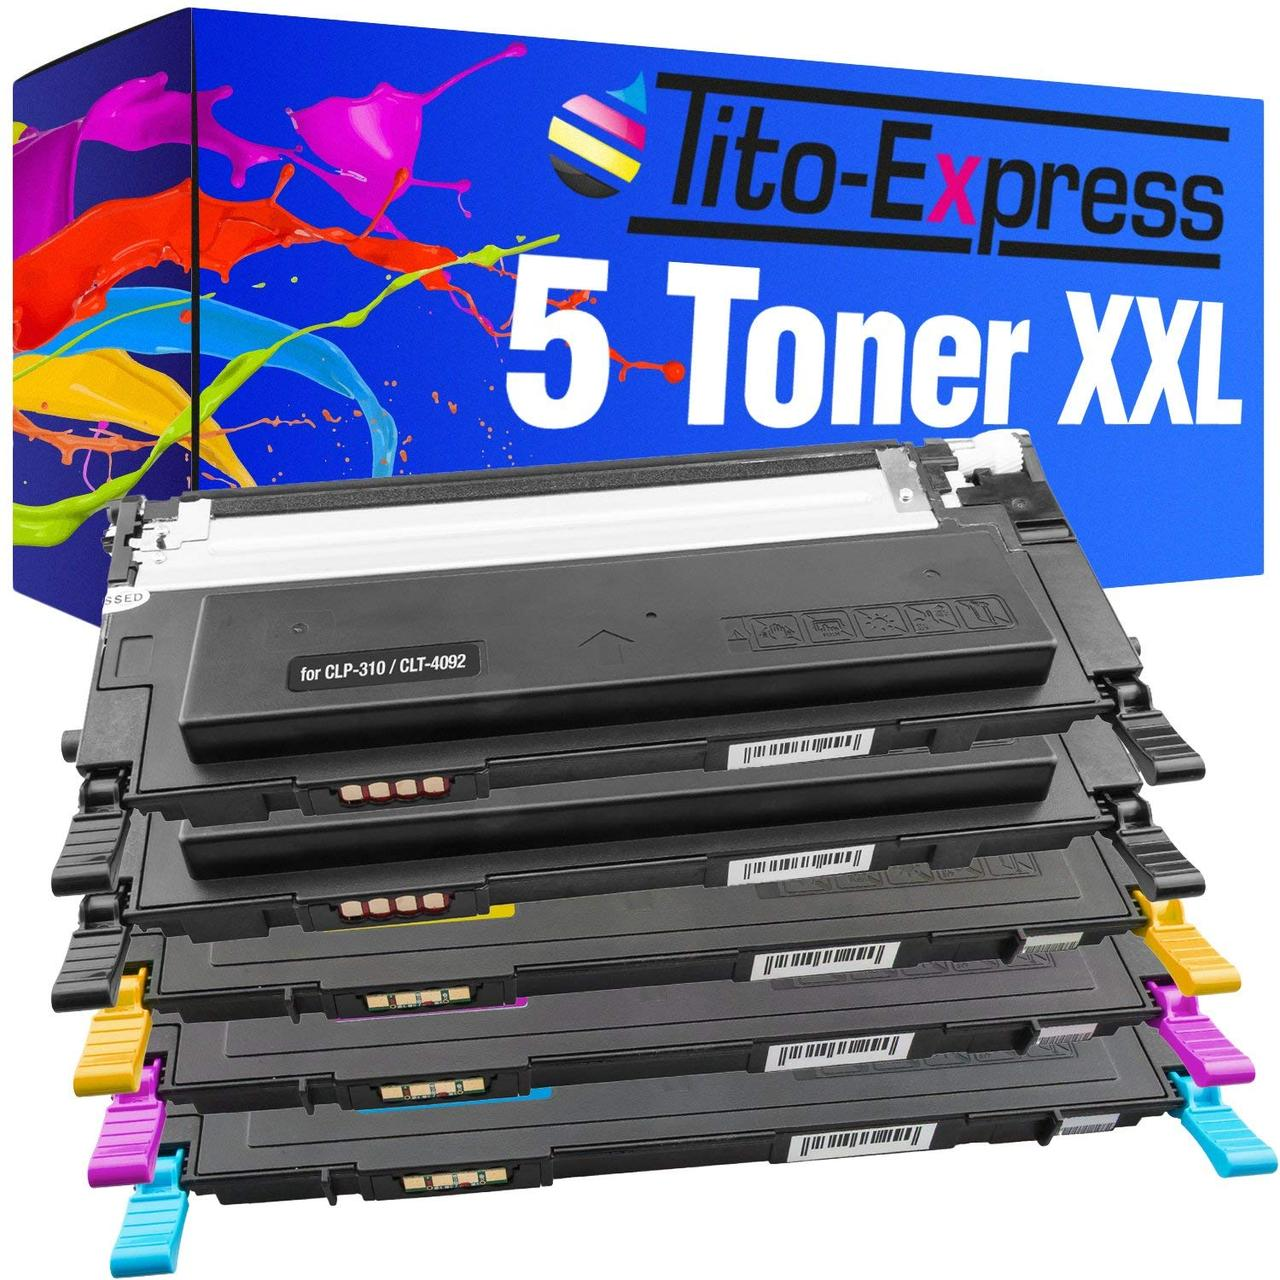 Тонер XXL совместим с Samsung CLT-4092S CLP-310 CLP-310K CLP-310N CLP-310NK CLP-315 CLP-315K CLP-315N CLP-315W